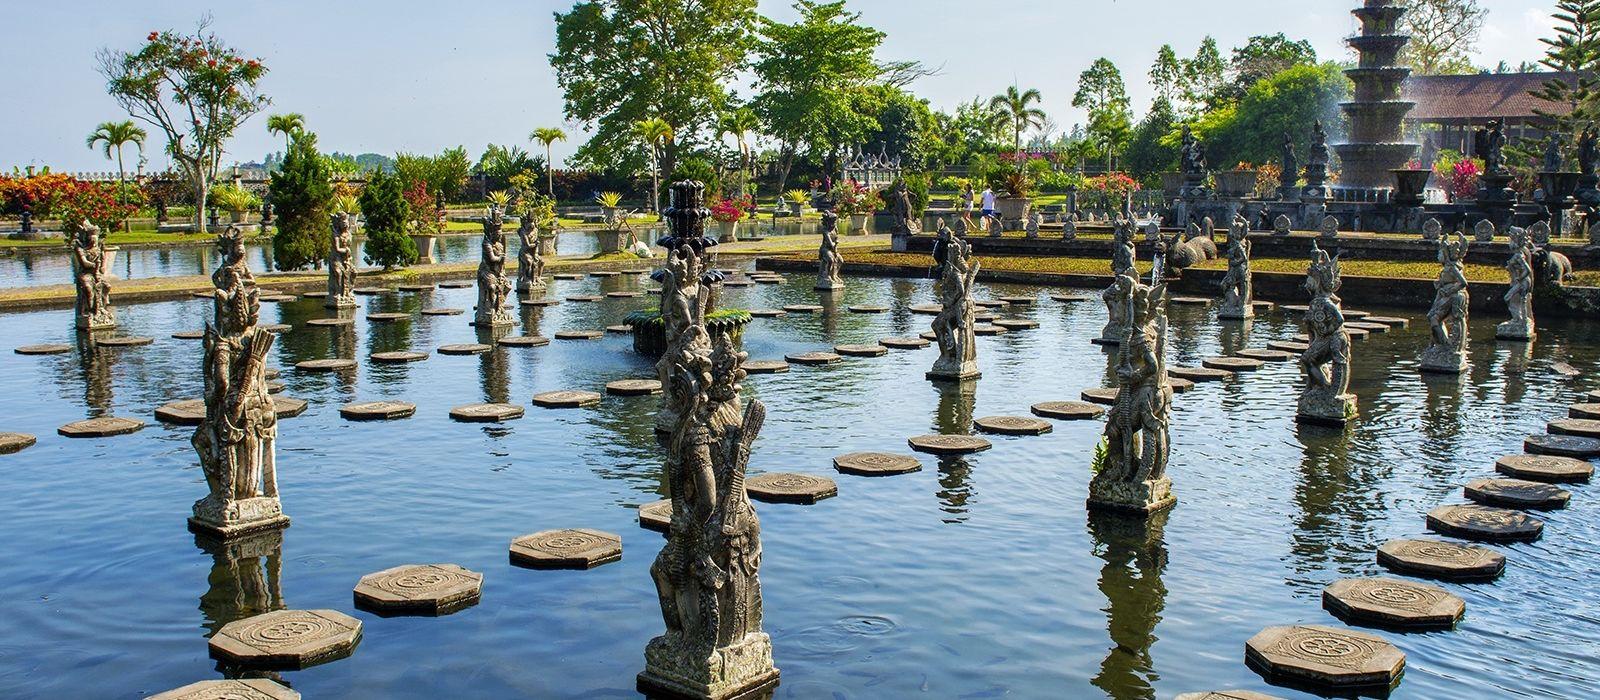 The Wondrous World of Bali Tour Trip 4